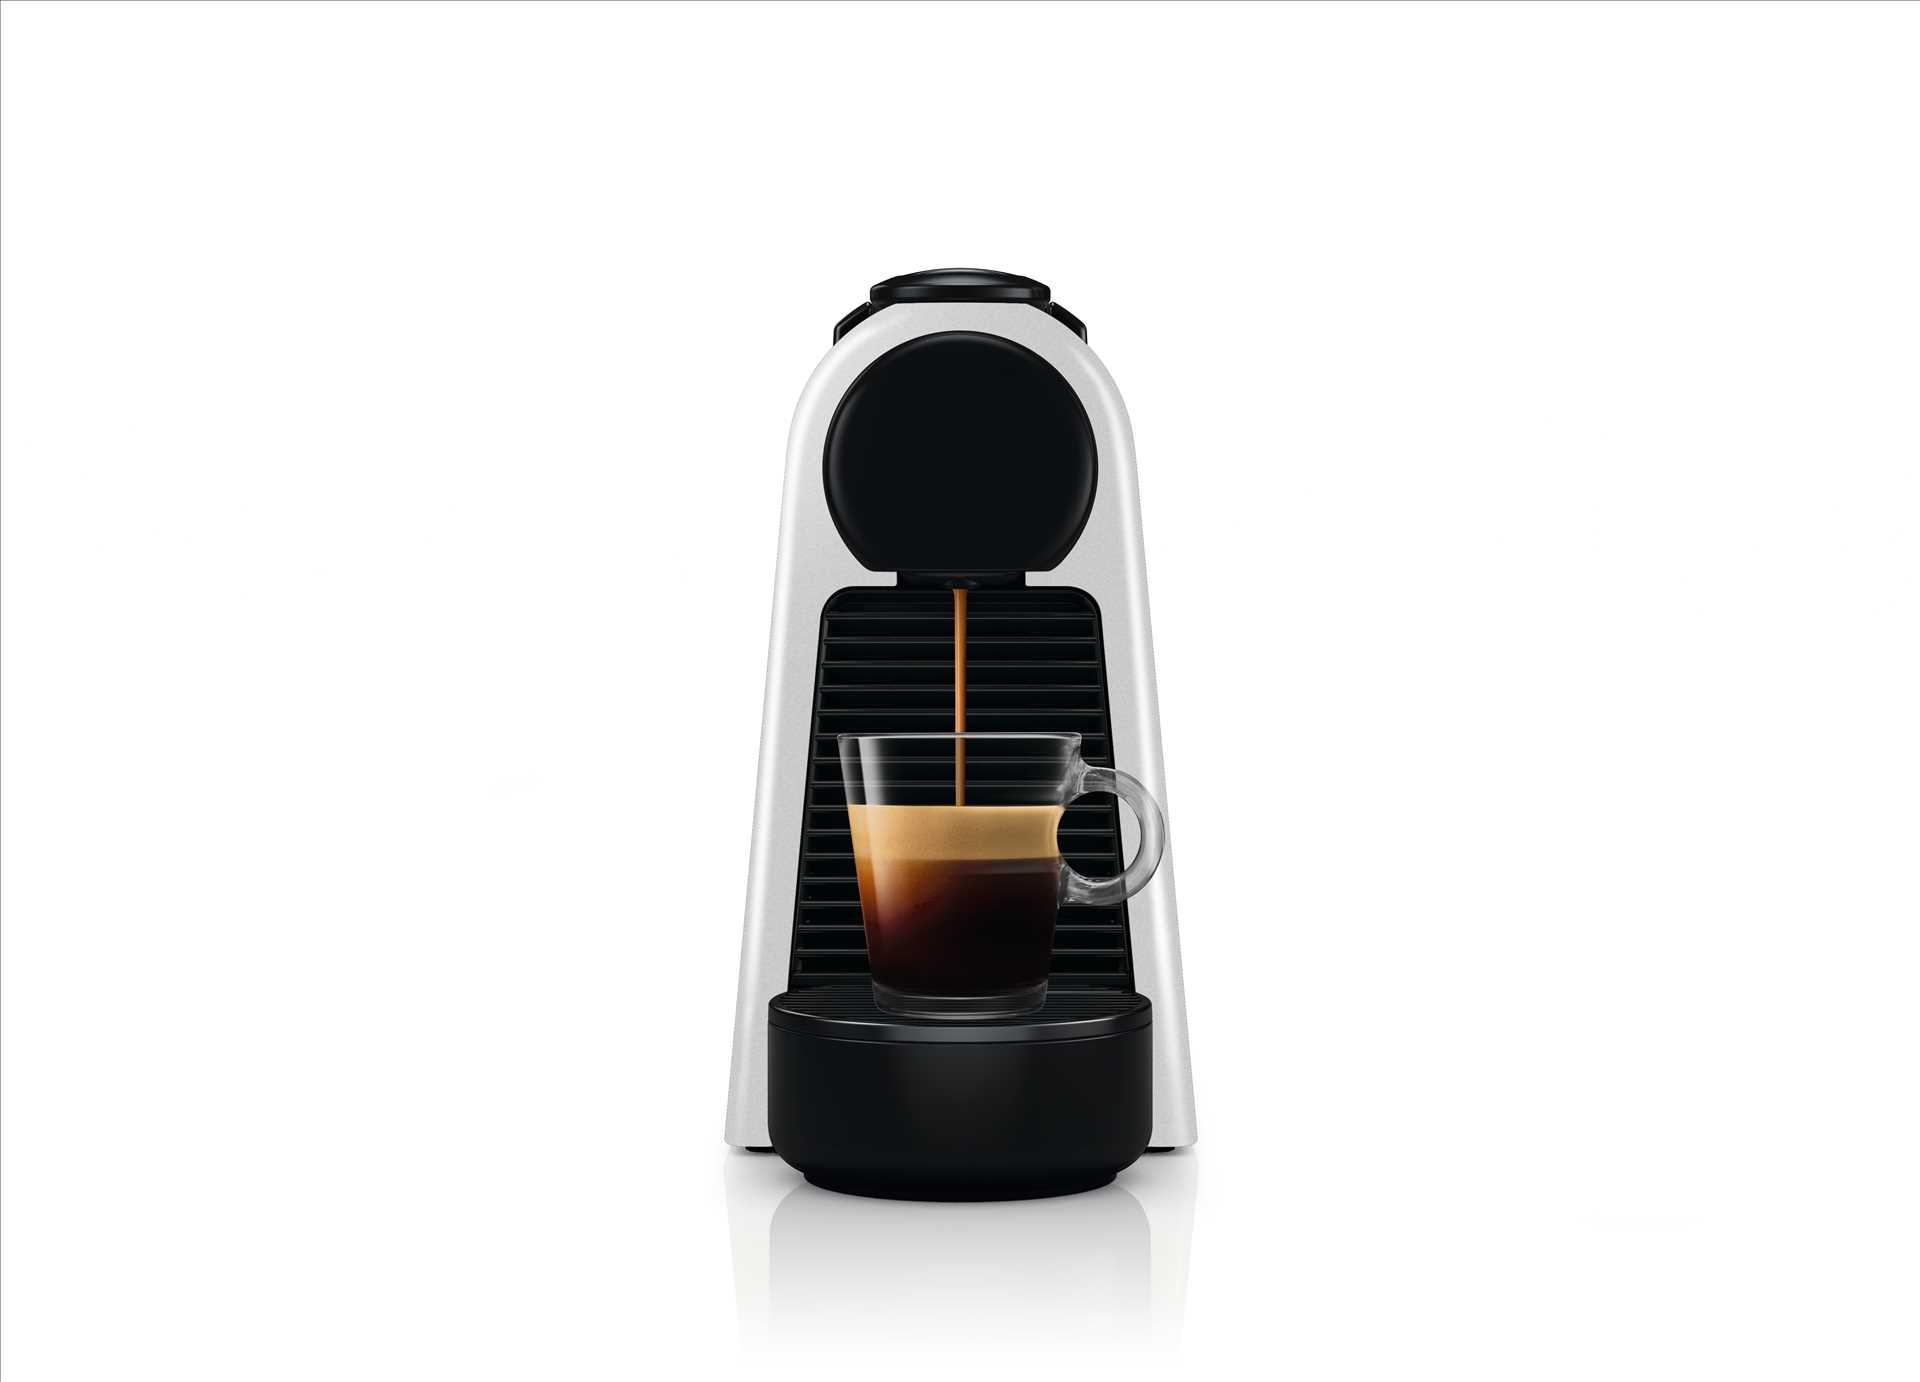 מכונת אספרסו Nespresso Essenza Mini D30 נספרסו בגוון כסוף מט (מהדורה מוגבלת) כולל מקציף חלב ארוצ'ינו - תמונה 4